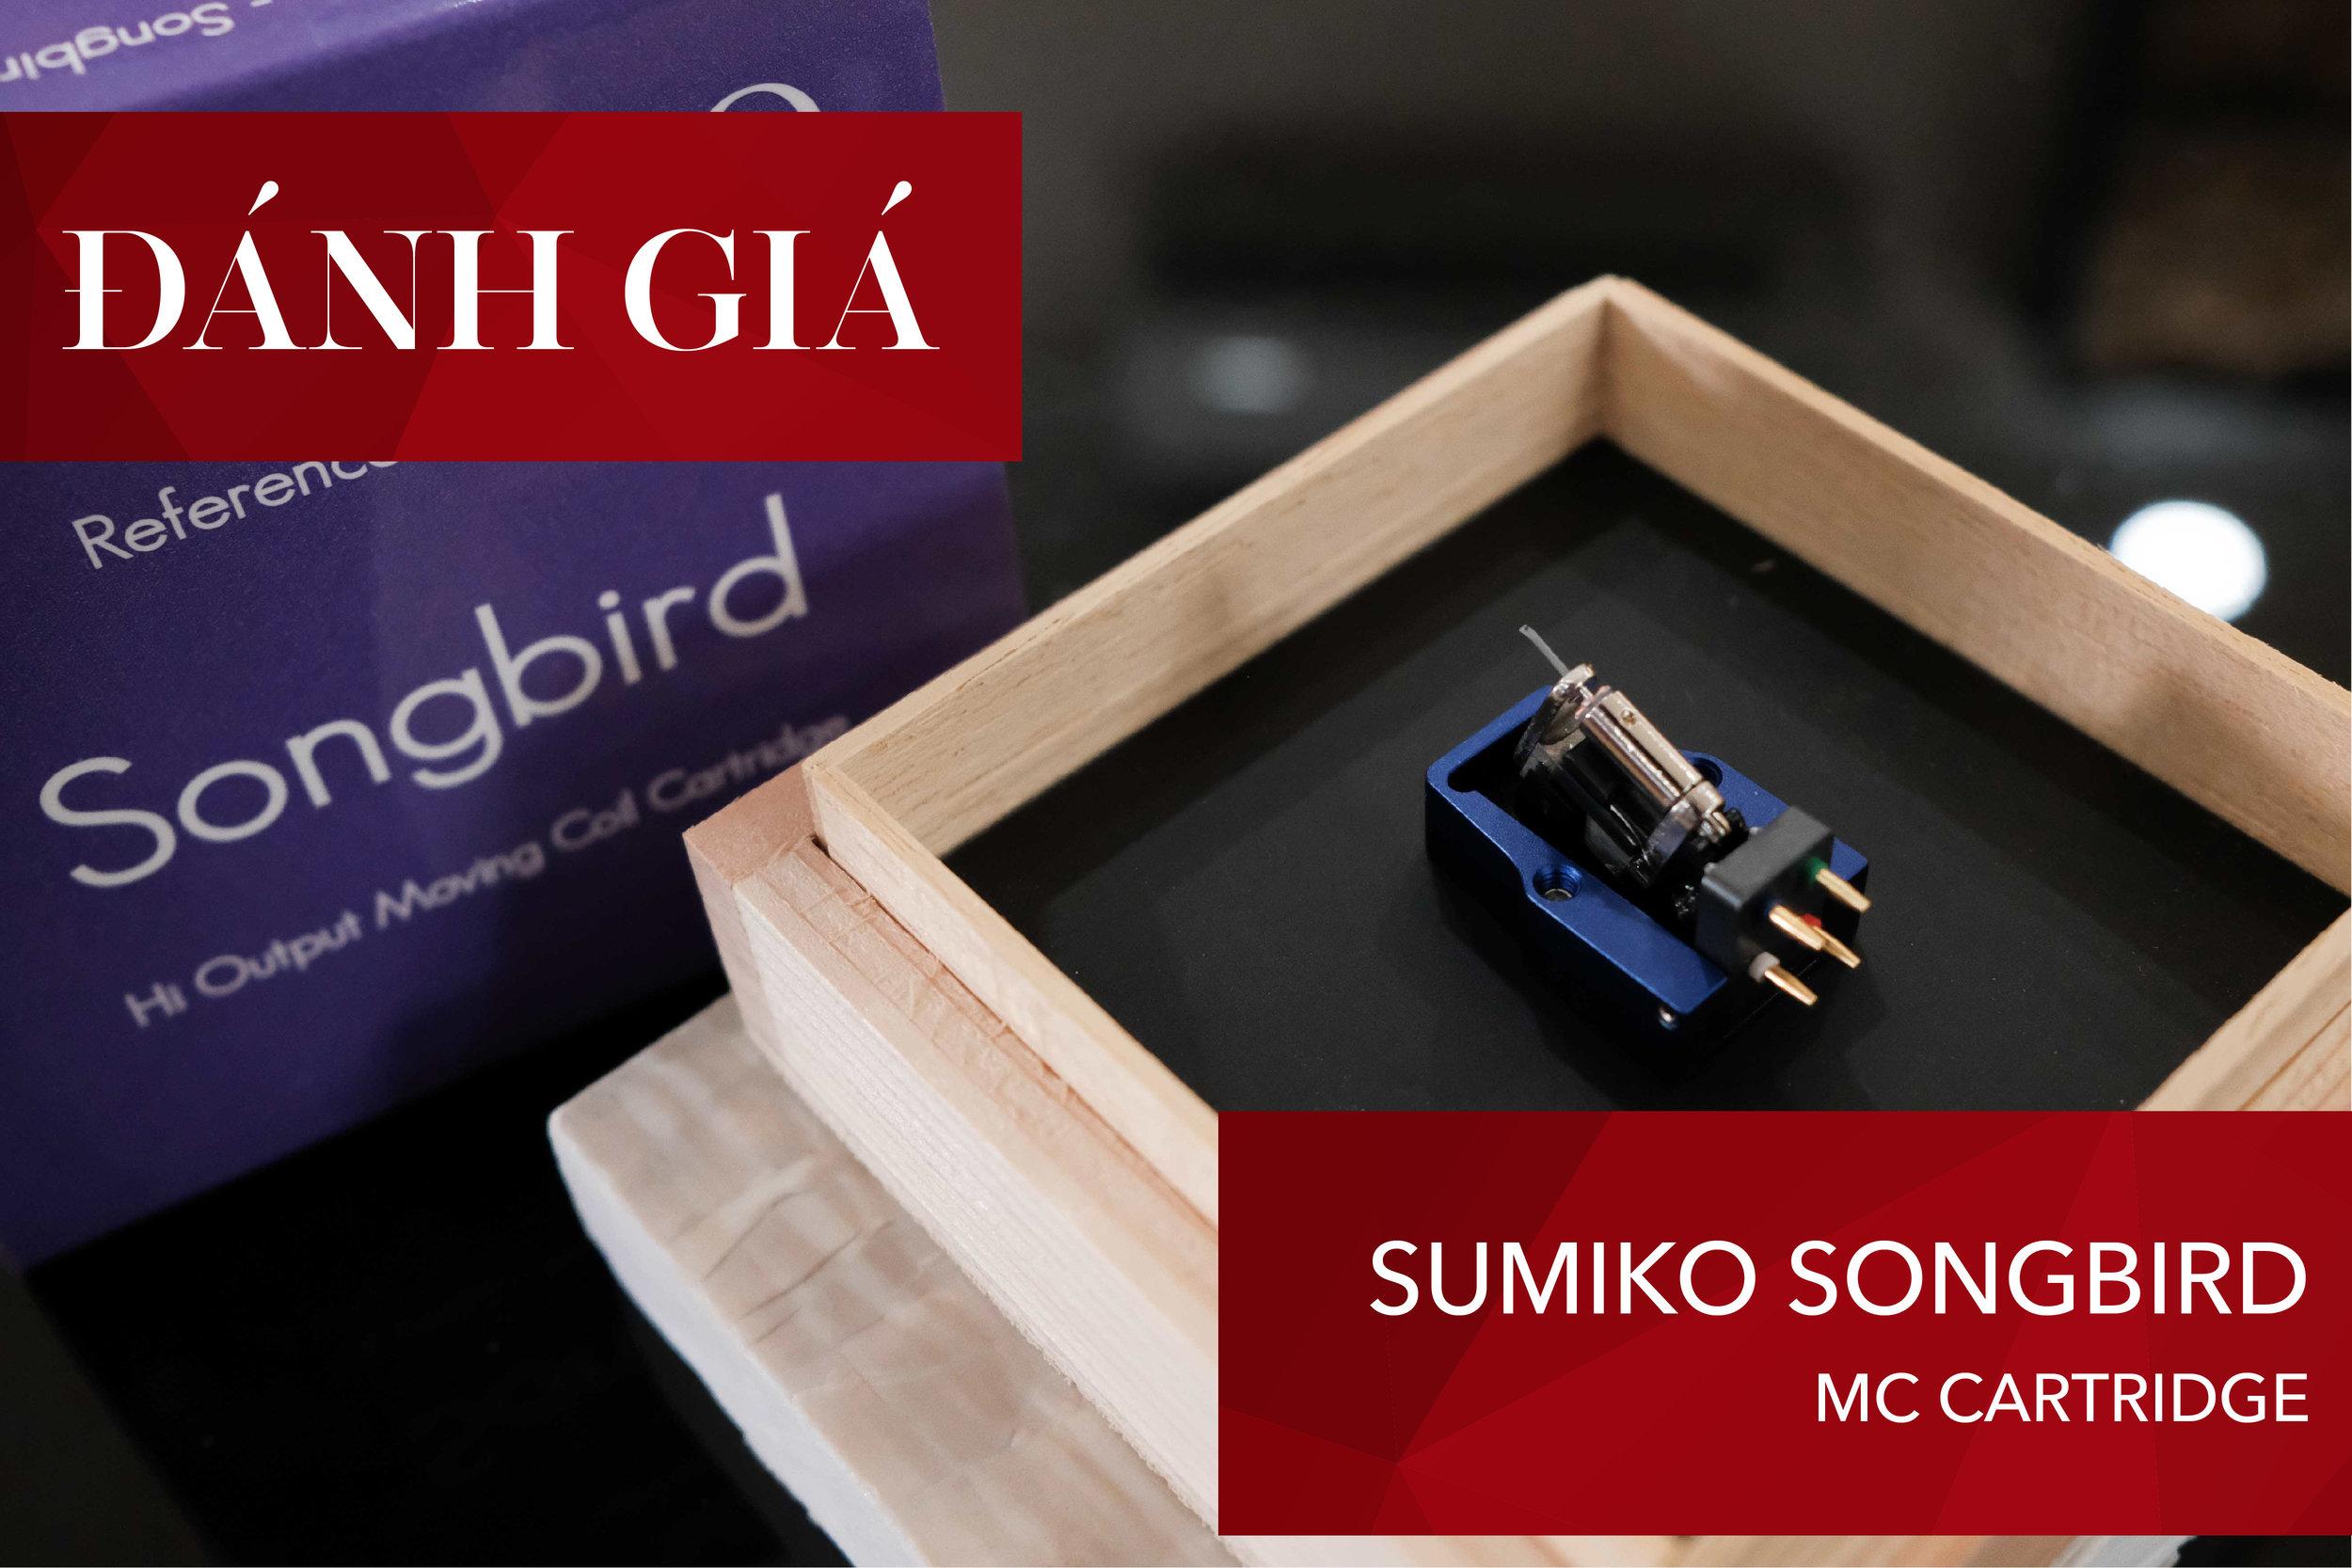 Đánh Giá - Sumiko Songbird - Đông Thành - Hòa Phúc-01-01.jpg